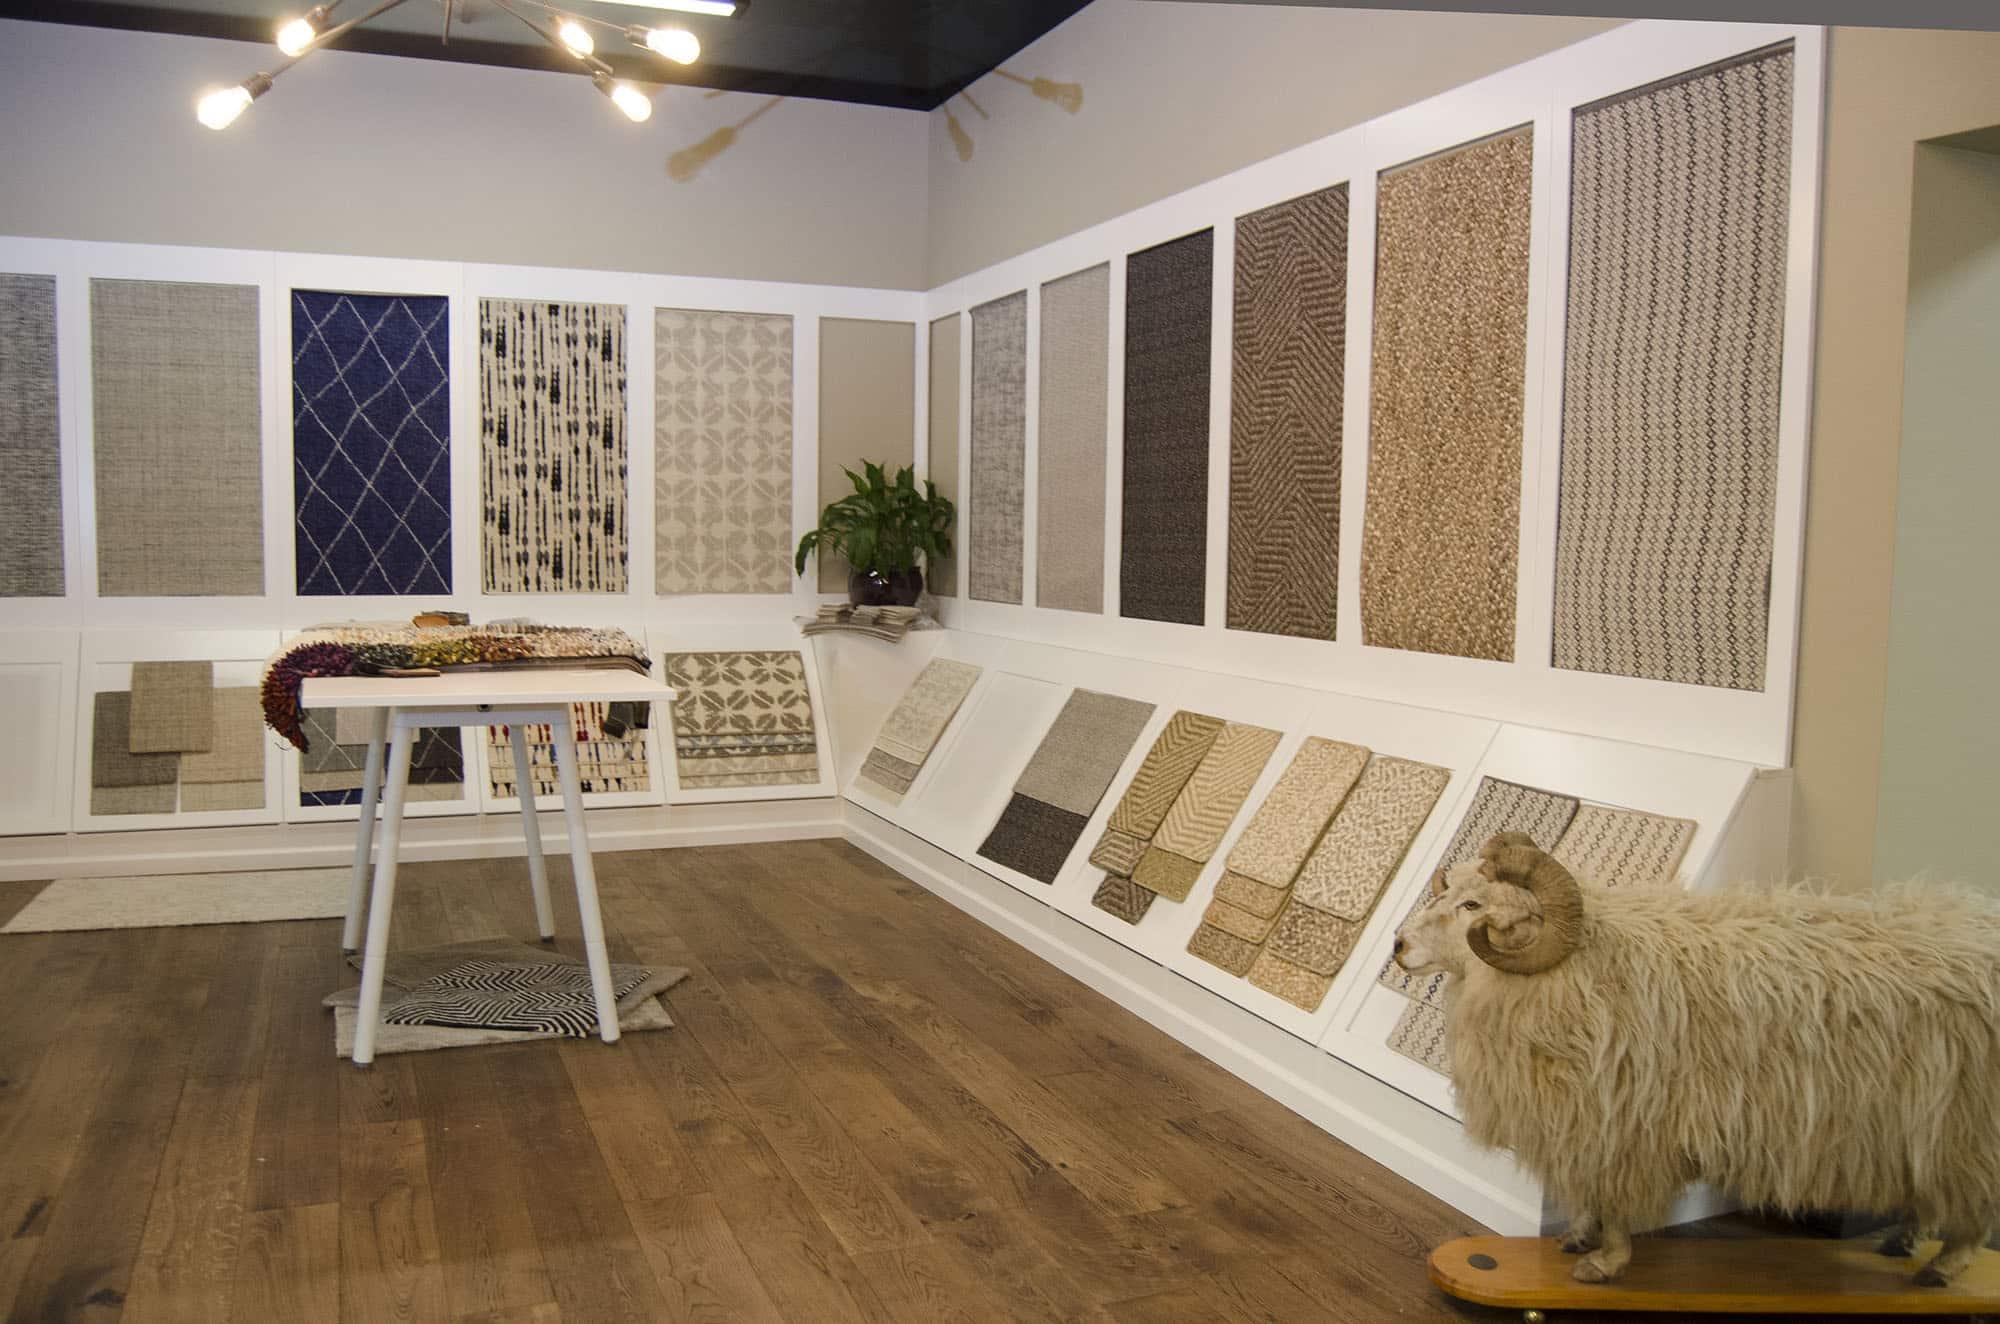 kashou design studio